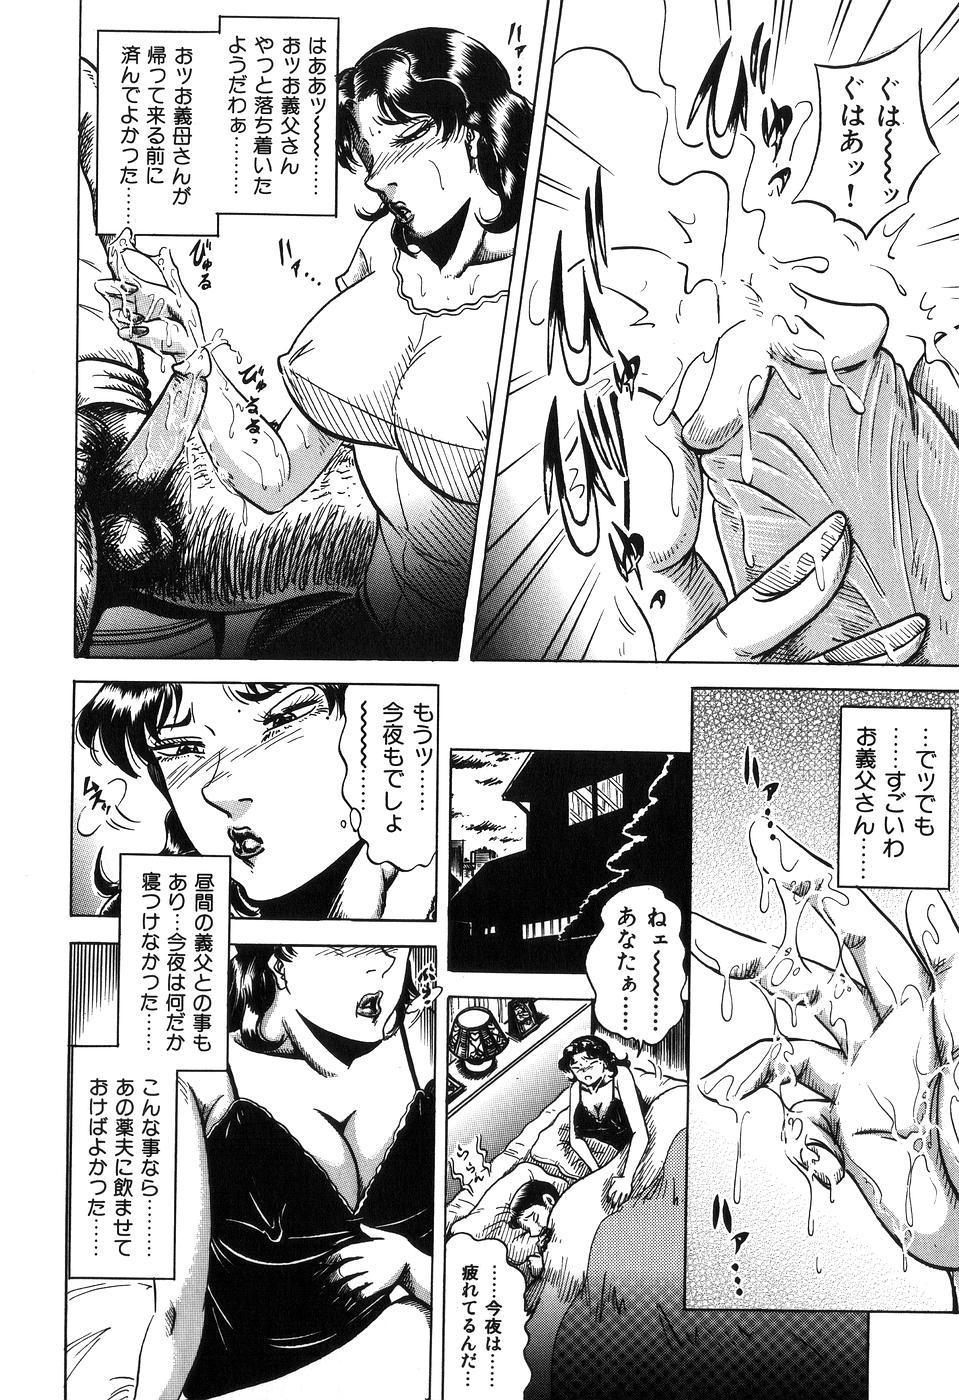 Jukubo Soukan Yosoji no Tawamure 43